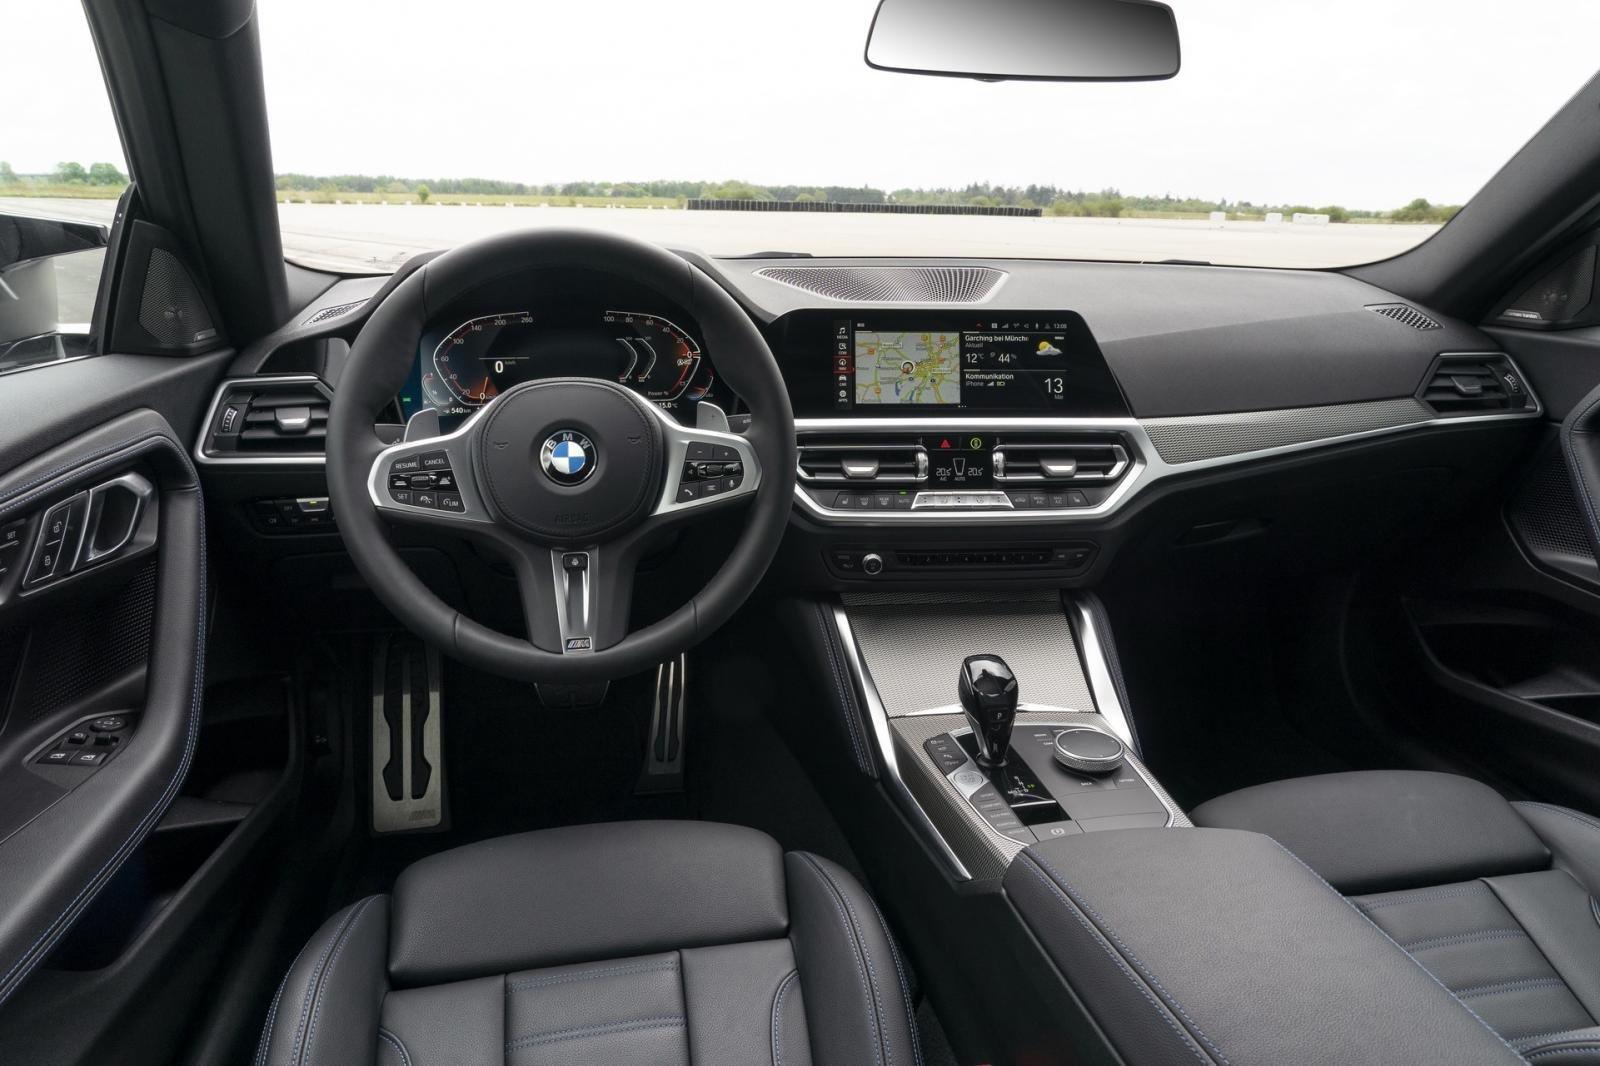 BMW 2-Series Coupe 2022 trang bị tối tân, tích hợp nhiều tính năng tiện lợi.